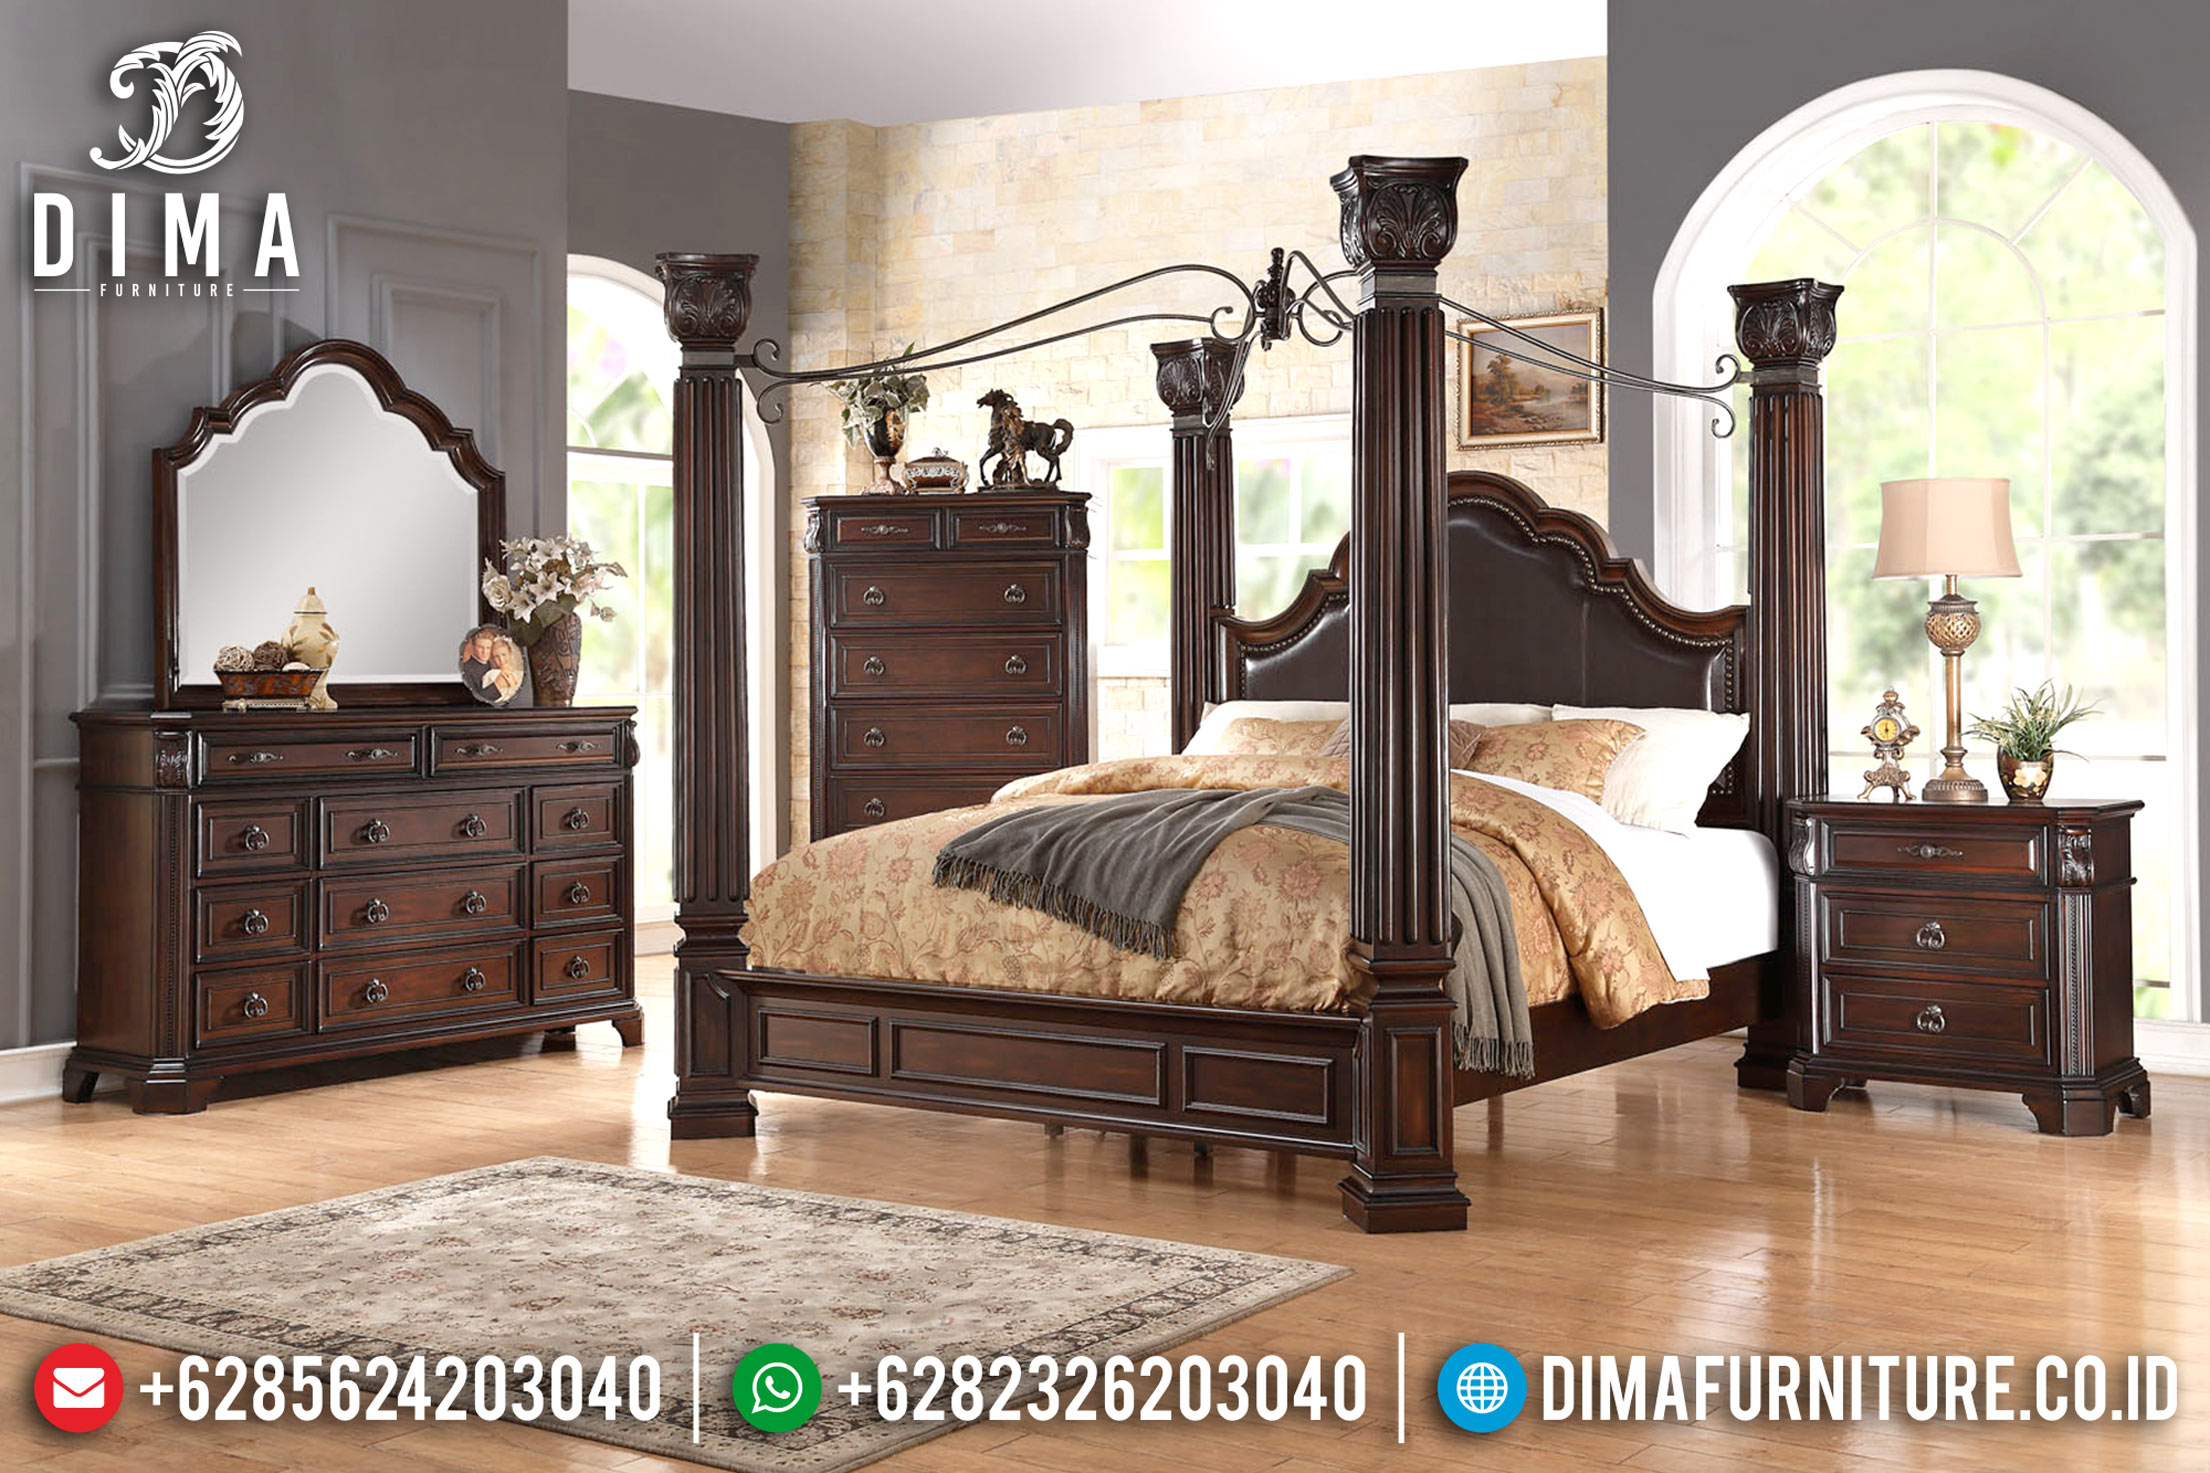 Jual Dipan Murah, Tempat Tidur Minimalis, Kamar Set Mewah Jepara Mm-0371